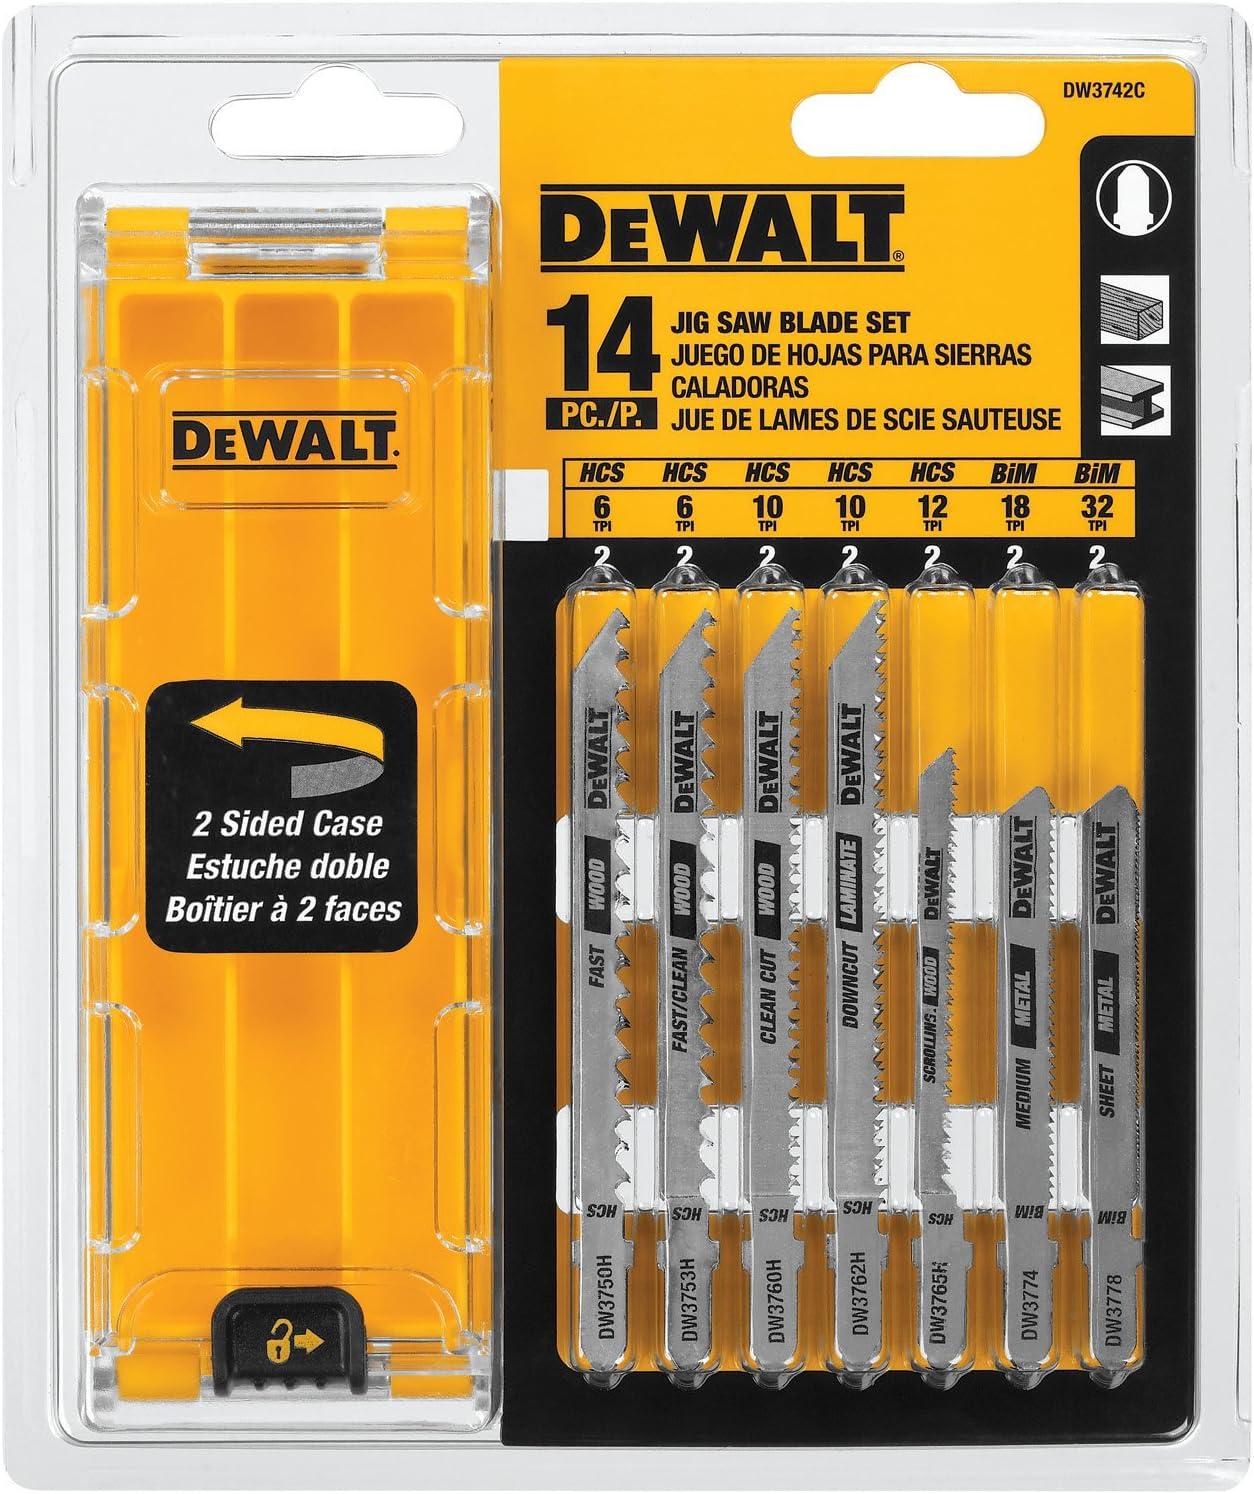 DEWALT Jigsaw Blades Set (DW3742C)